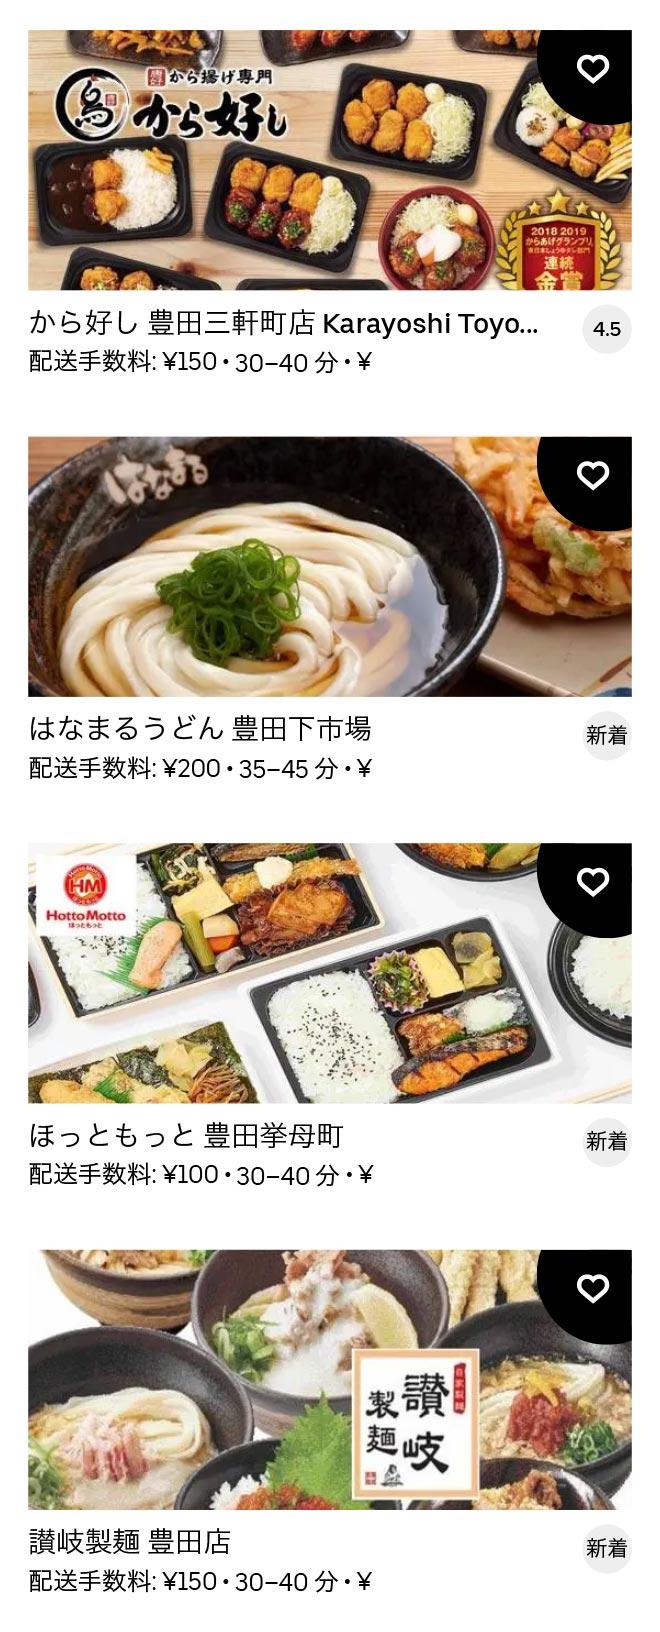 Toyotashi menu 2012 04